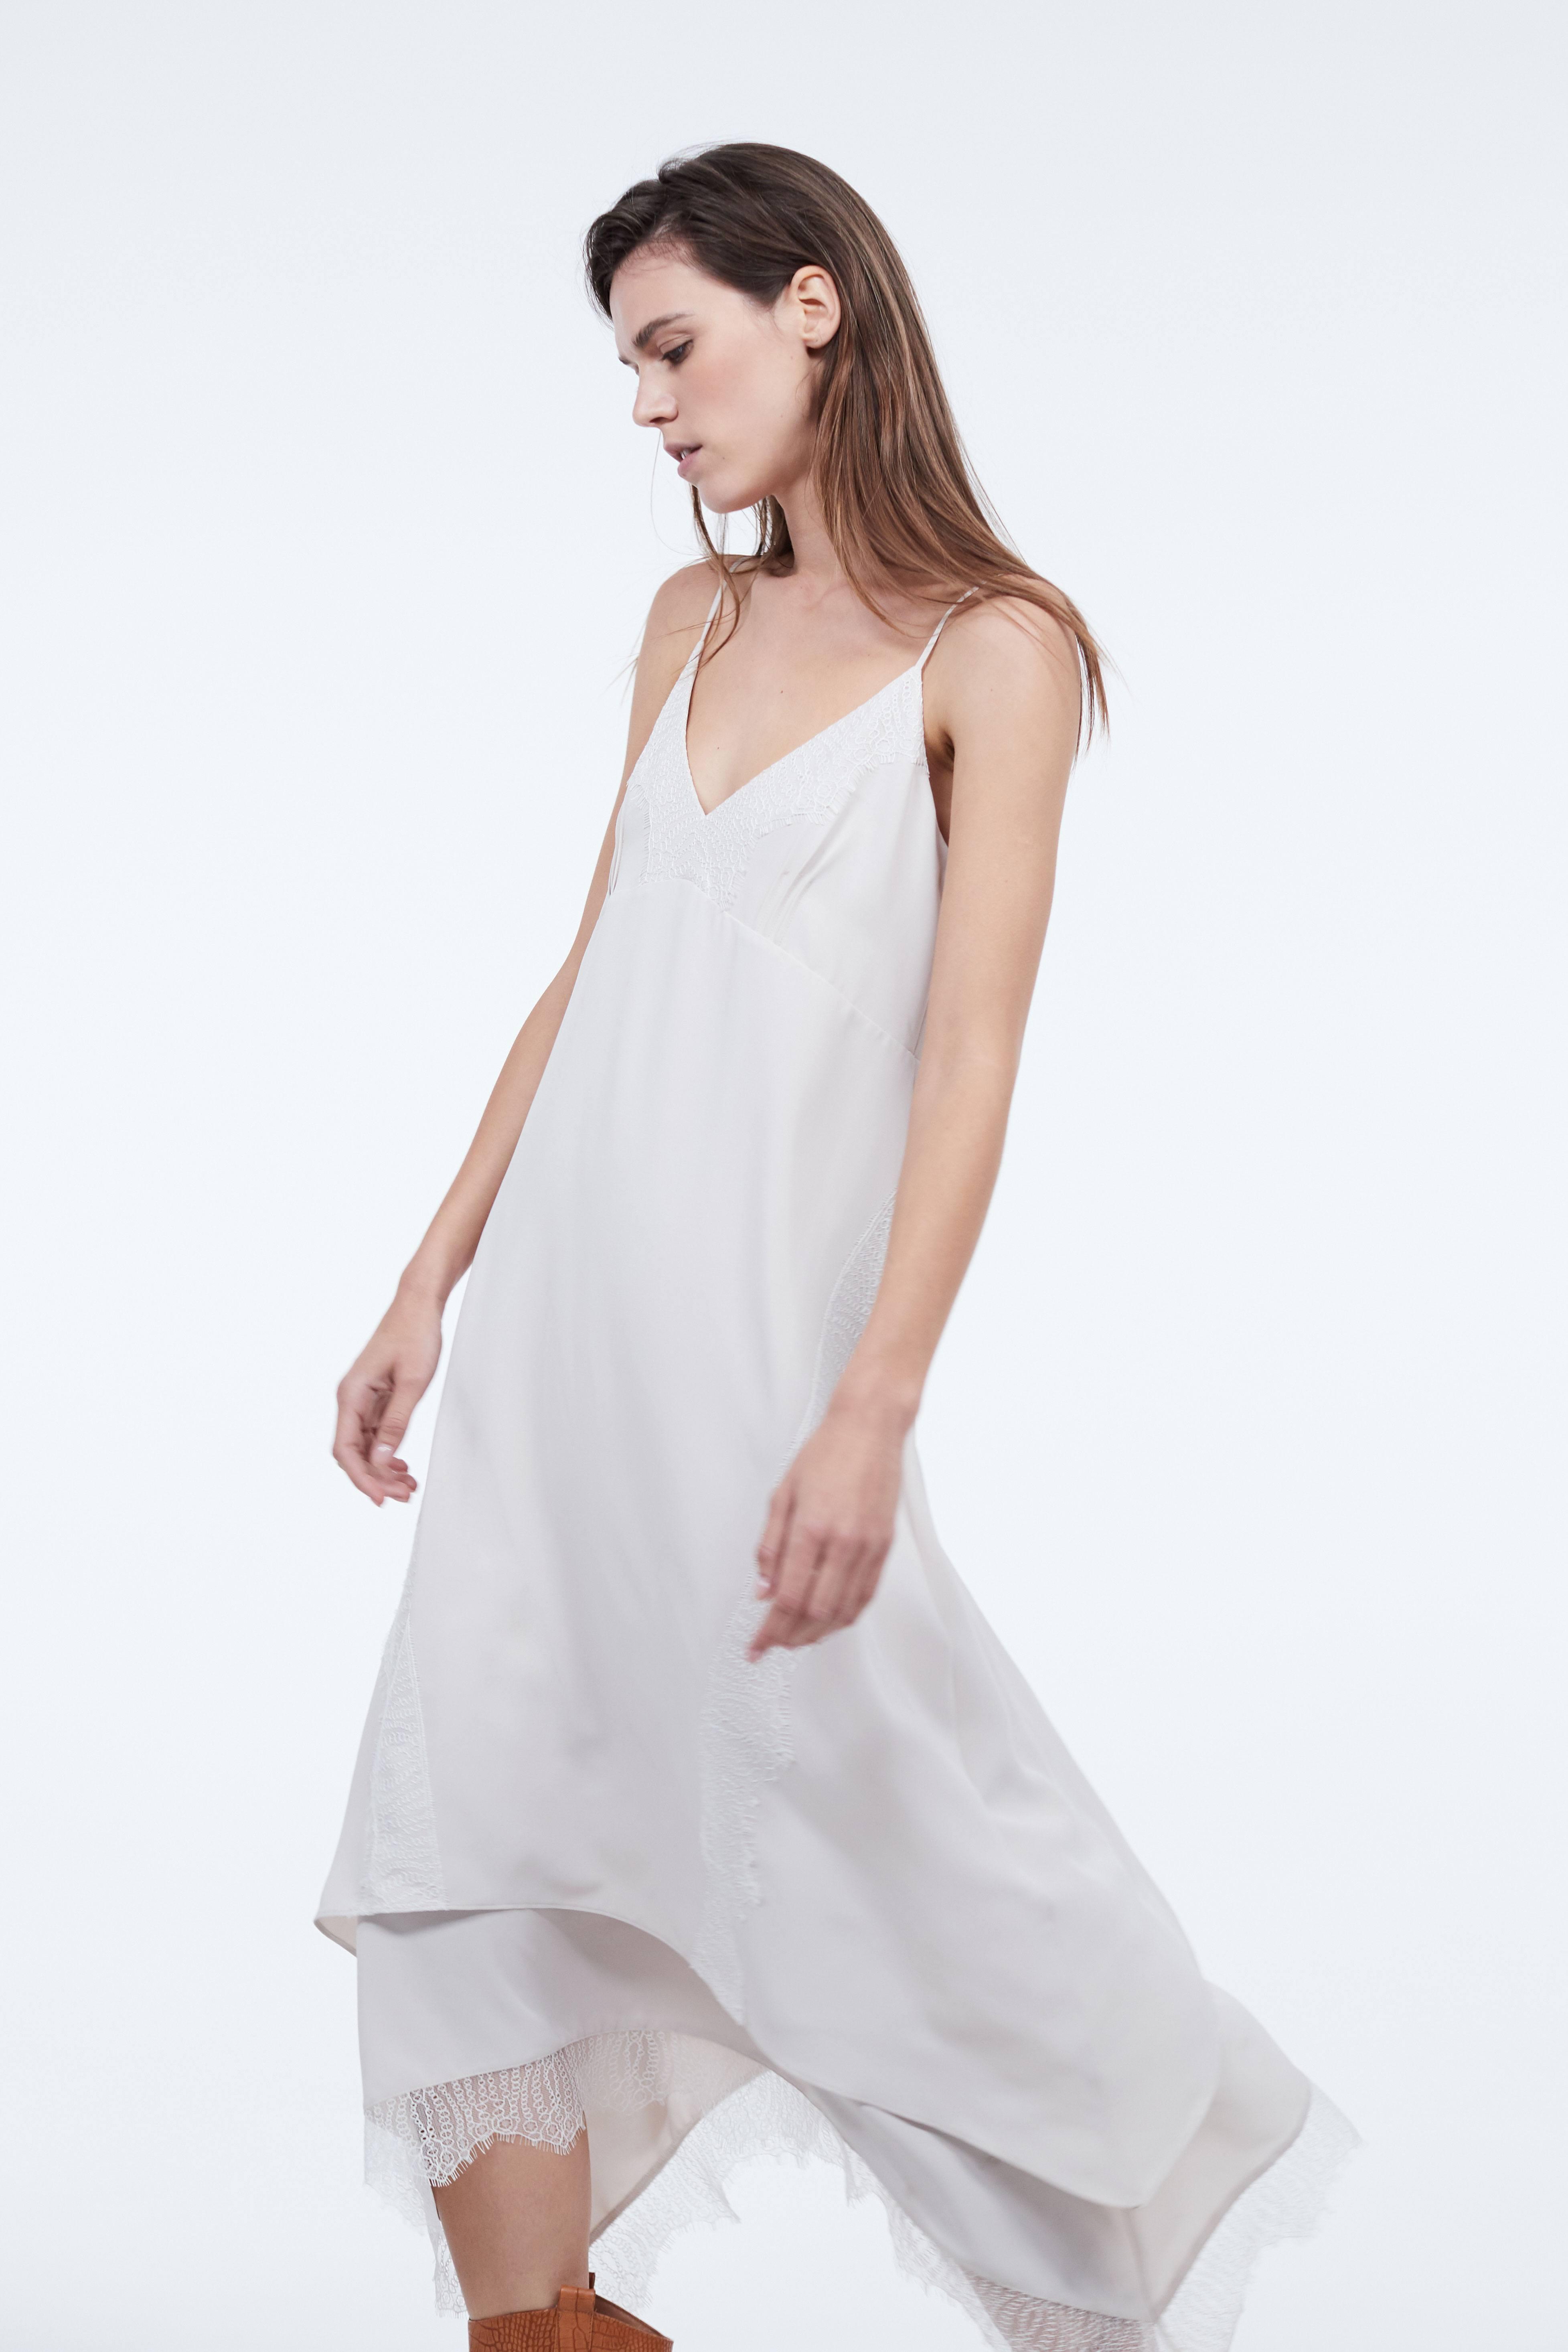 Платье LIME Платье с кружевом свободное платье в сочетании с кружевом chloah